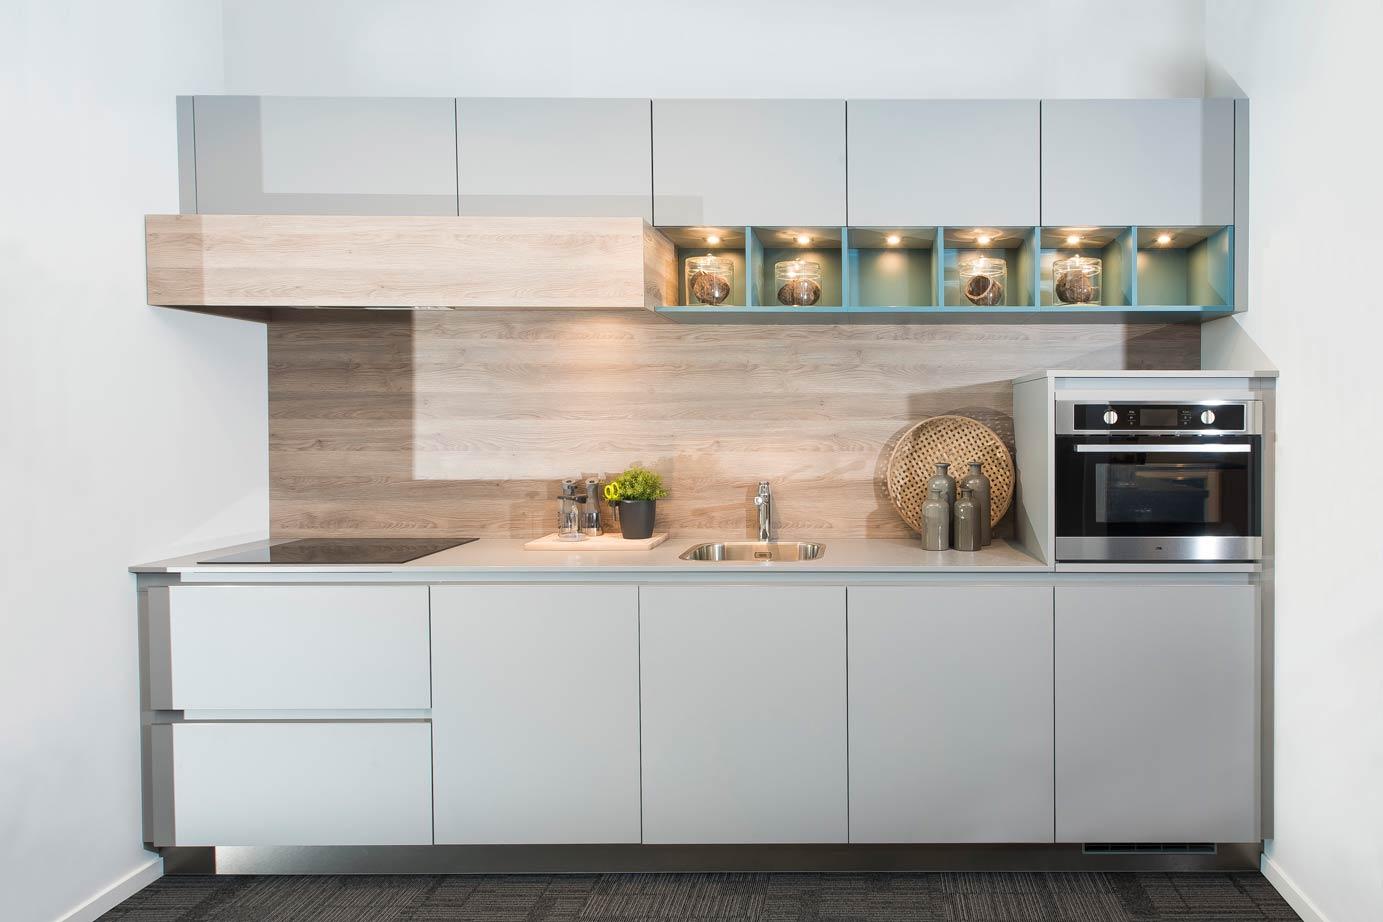 Moderne Blauw Keuken : Bij deze moderne rechte keuken springt het contrasterende blauw